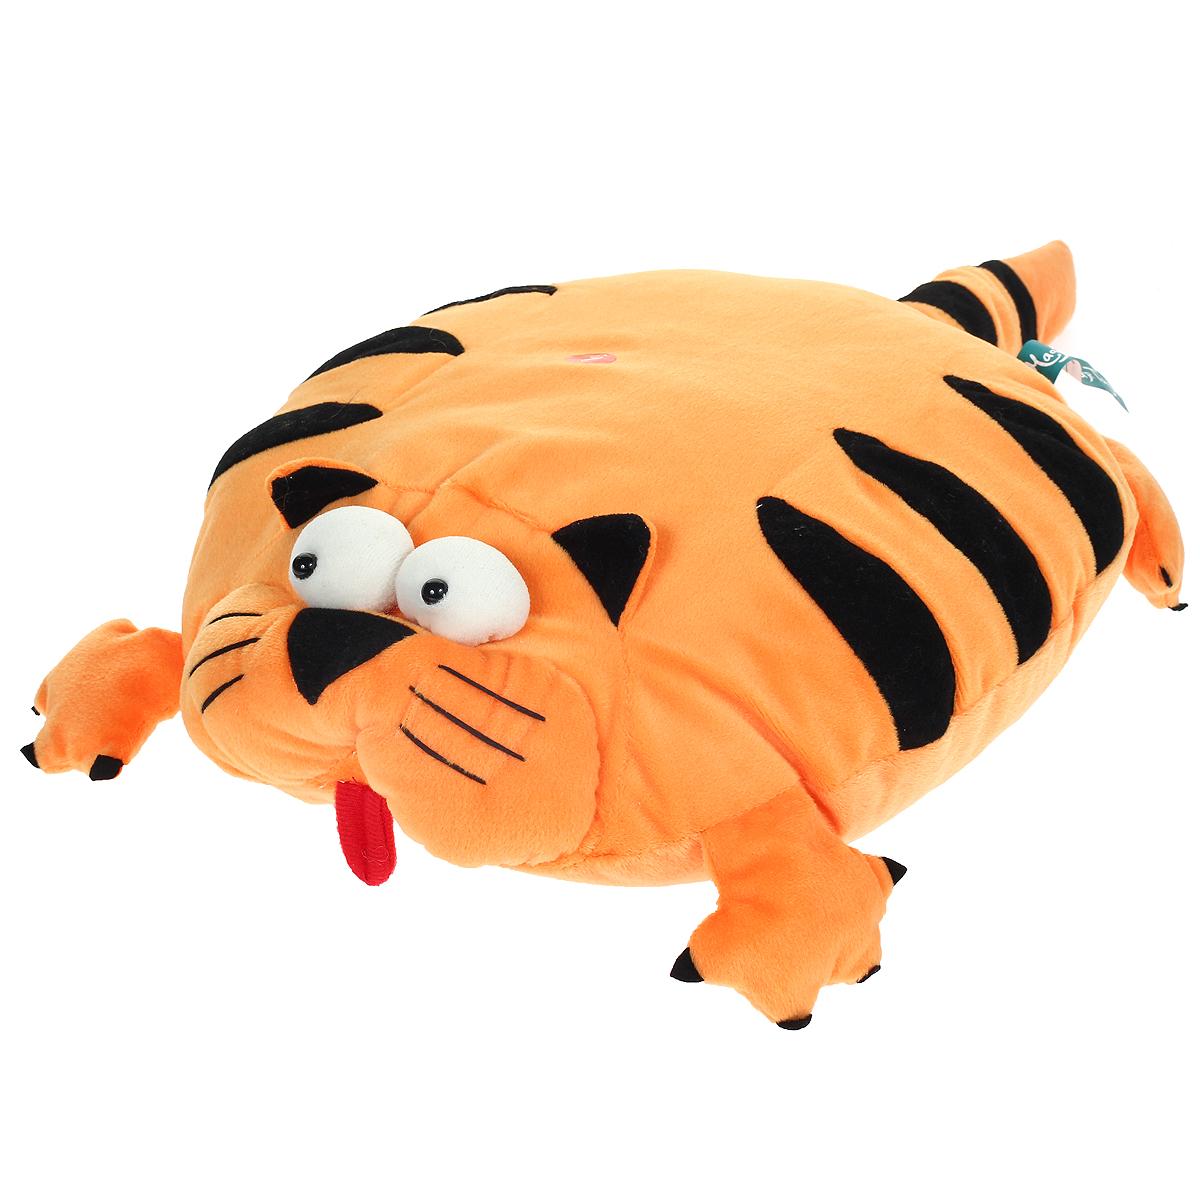 Мягкая озвученная игрушка-подушка Magic Bear Toys Тигр цвет: оранжевый, черныйSAF2005-ZF-M-4Очаровательная мягкая игрушка-подушка Magic Bear Toys Тигр не оставит равнодушным ни ребенка, ни взрослого. Приятная на ощупь игрушка выполнена в виде милого тигра с объемной головой, лапками и хвостом, туловище тигра является подушкой. Если нажать на подушку, то тигр будет рычать. Такая игрушка-подушка прекрасно дополнит интерьер детской комнаты.